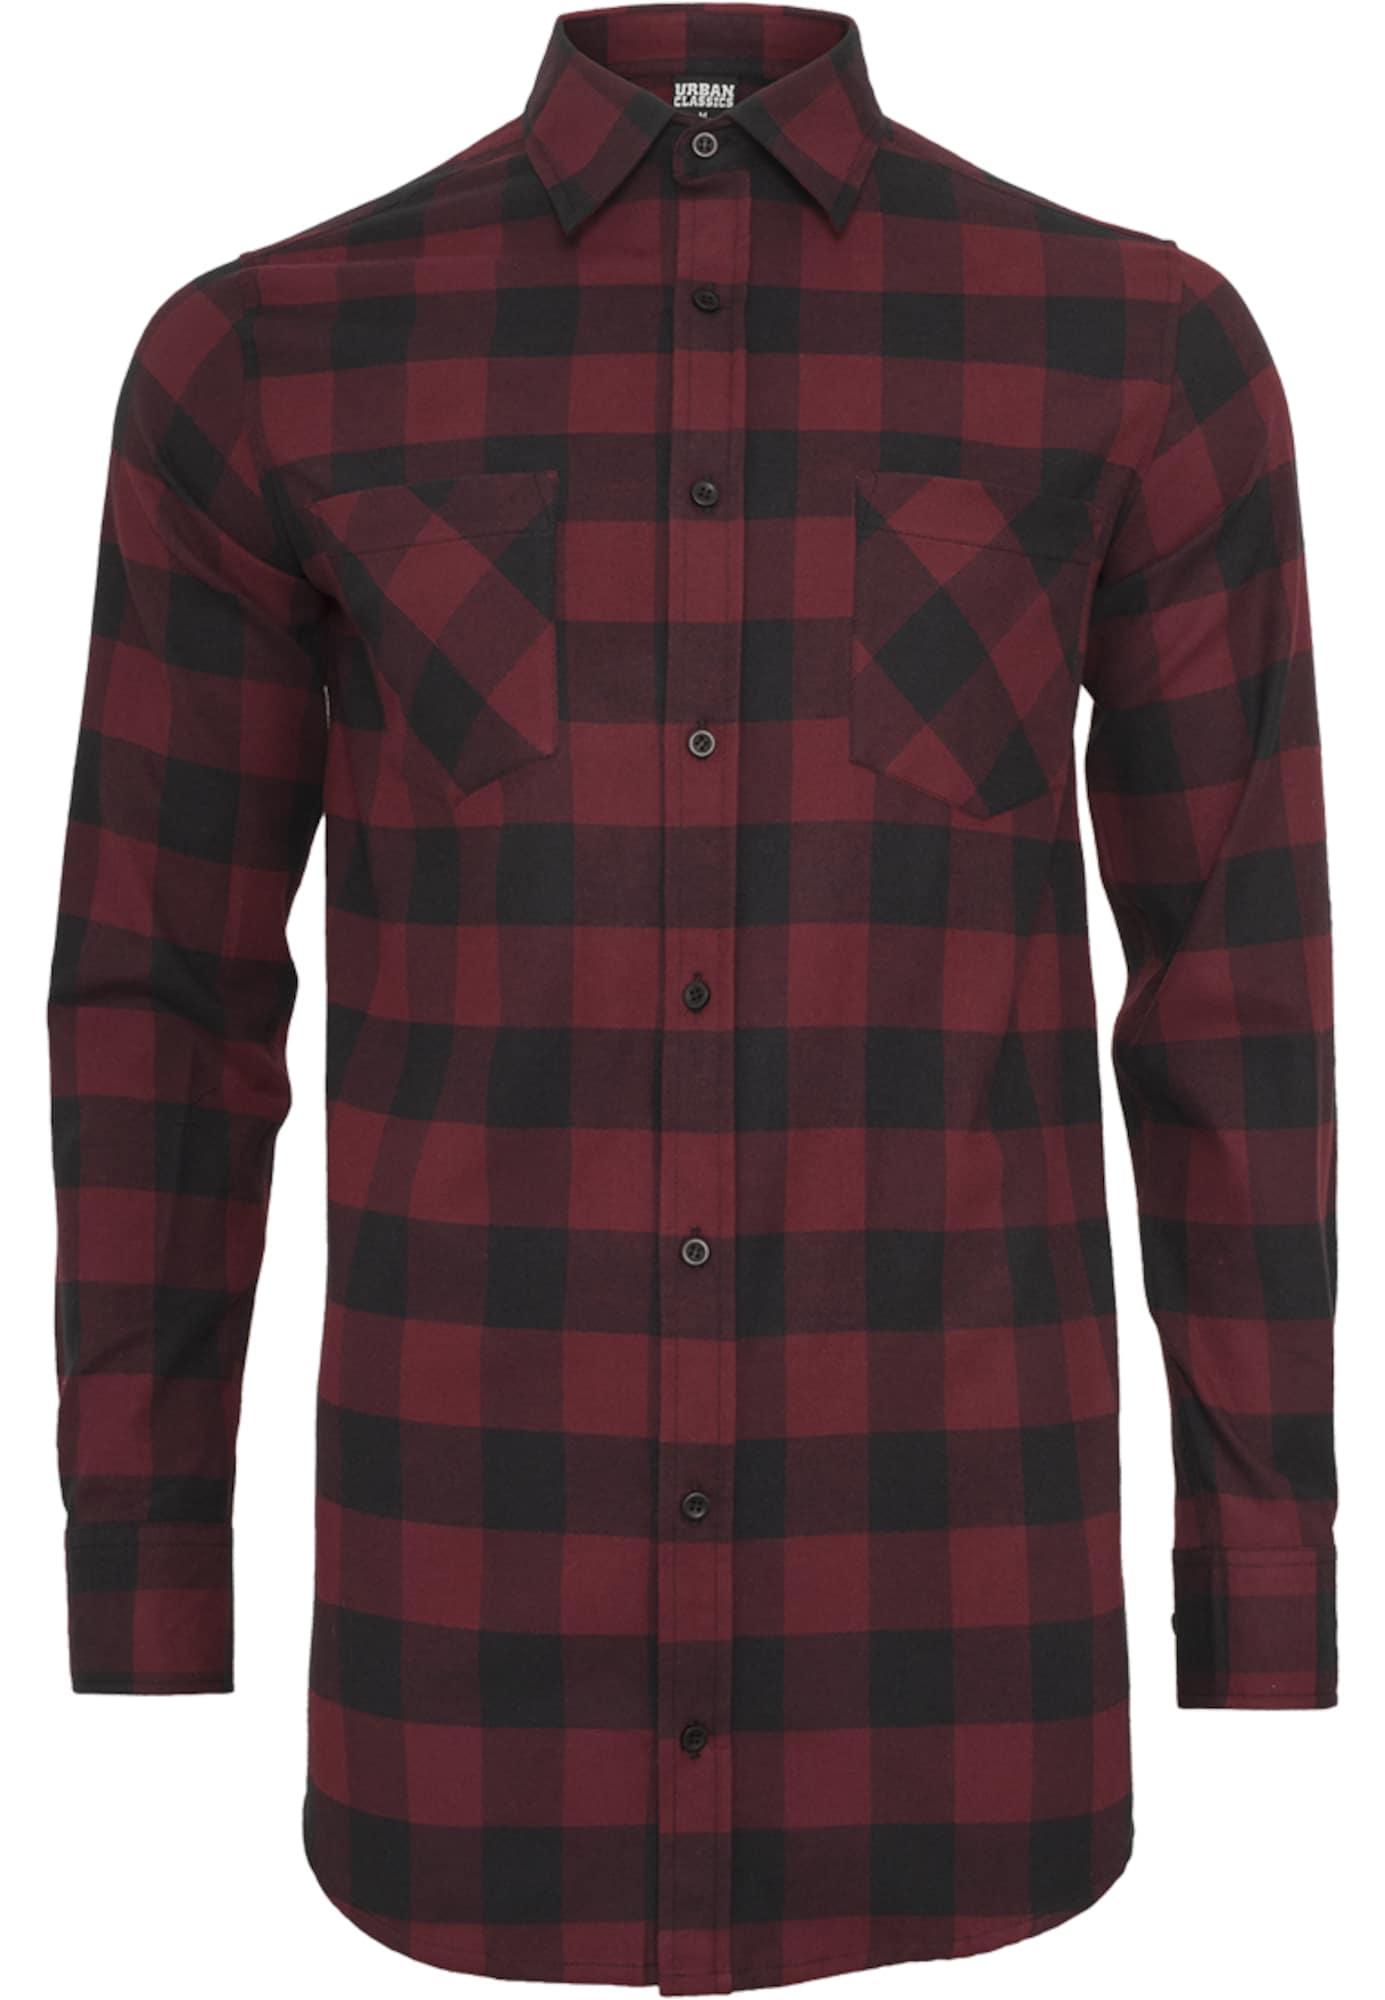 Urban Classics Dalykiniai marškiniai vyšninė spalva / juoda